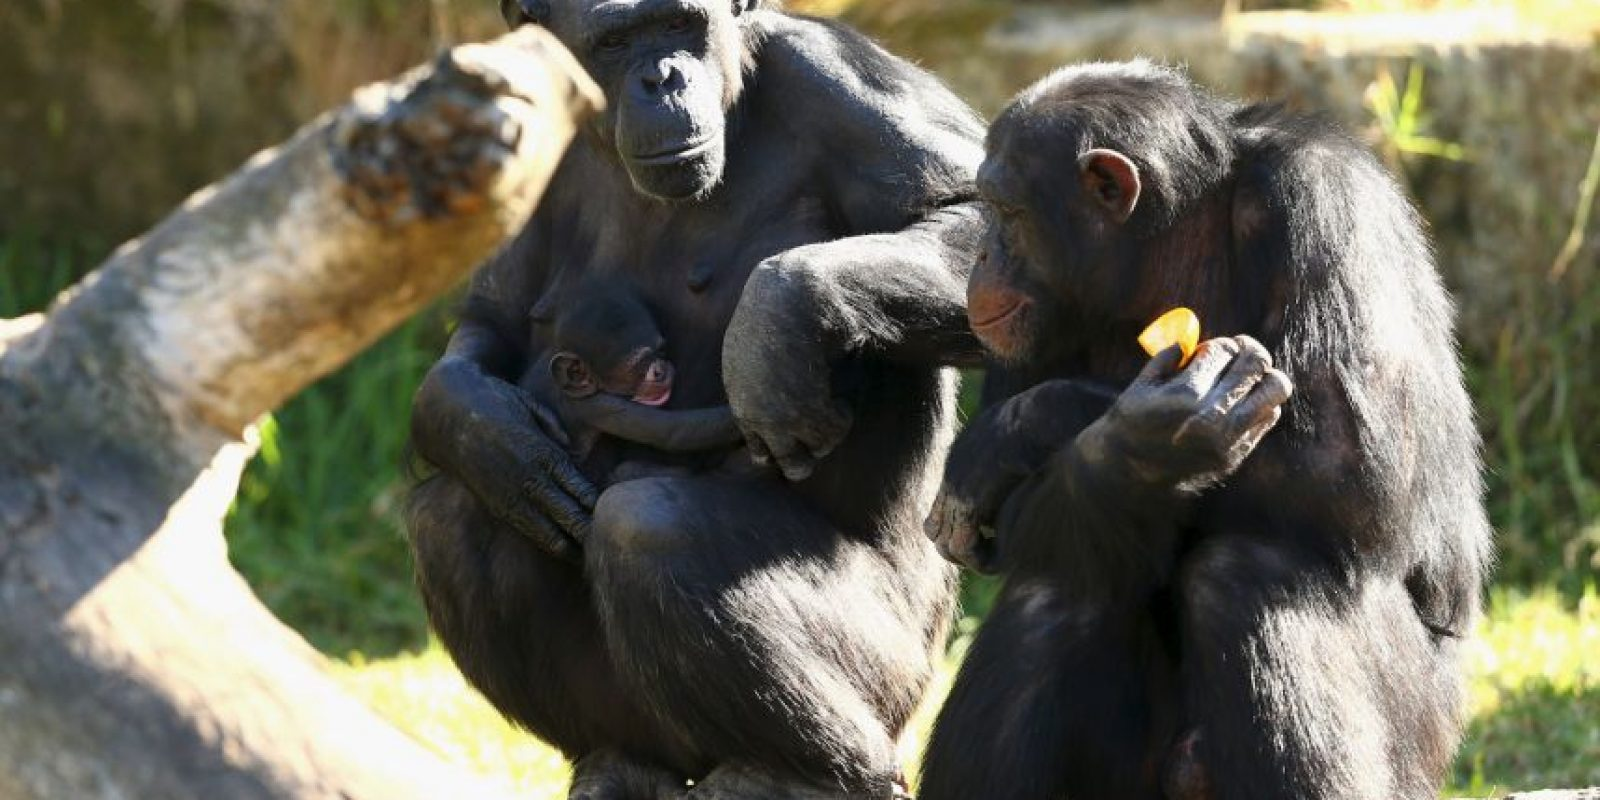 Se alimentan normalmente de frutas y plantas, aunque también comen insectos, huevos y carne. Foto:Getty Images